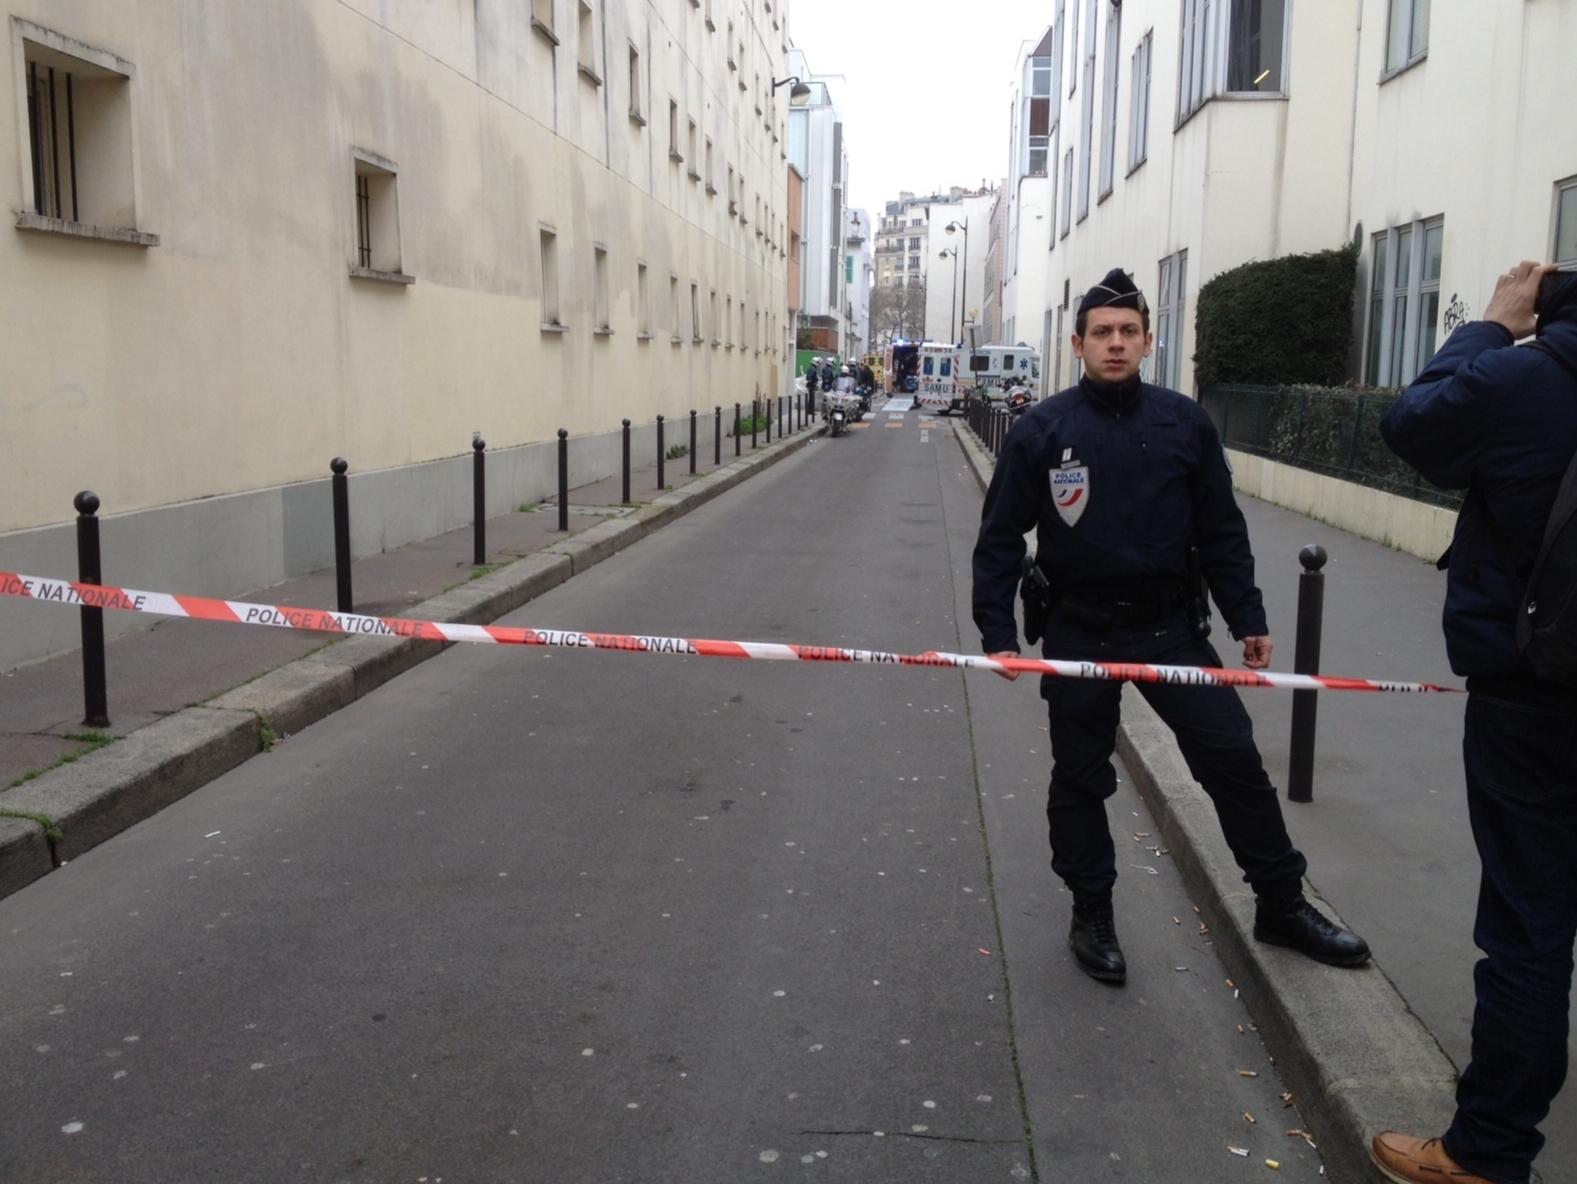 Gríðarleg öryggisgæsla er nú í París.